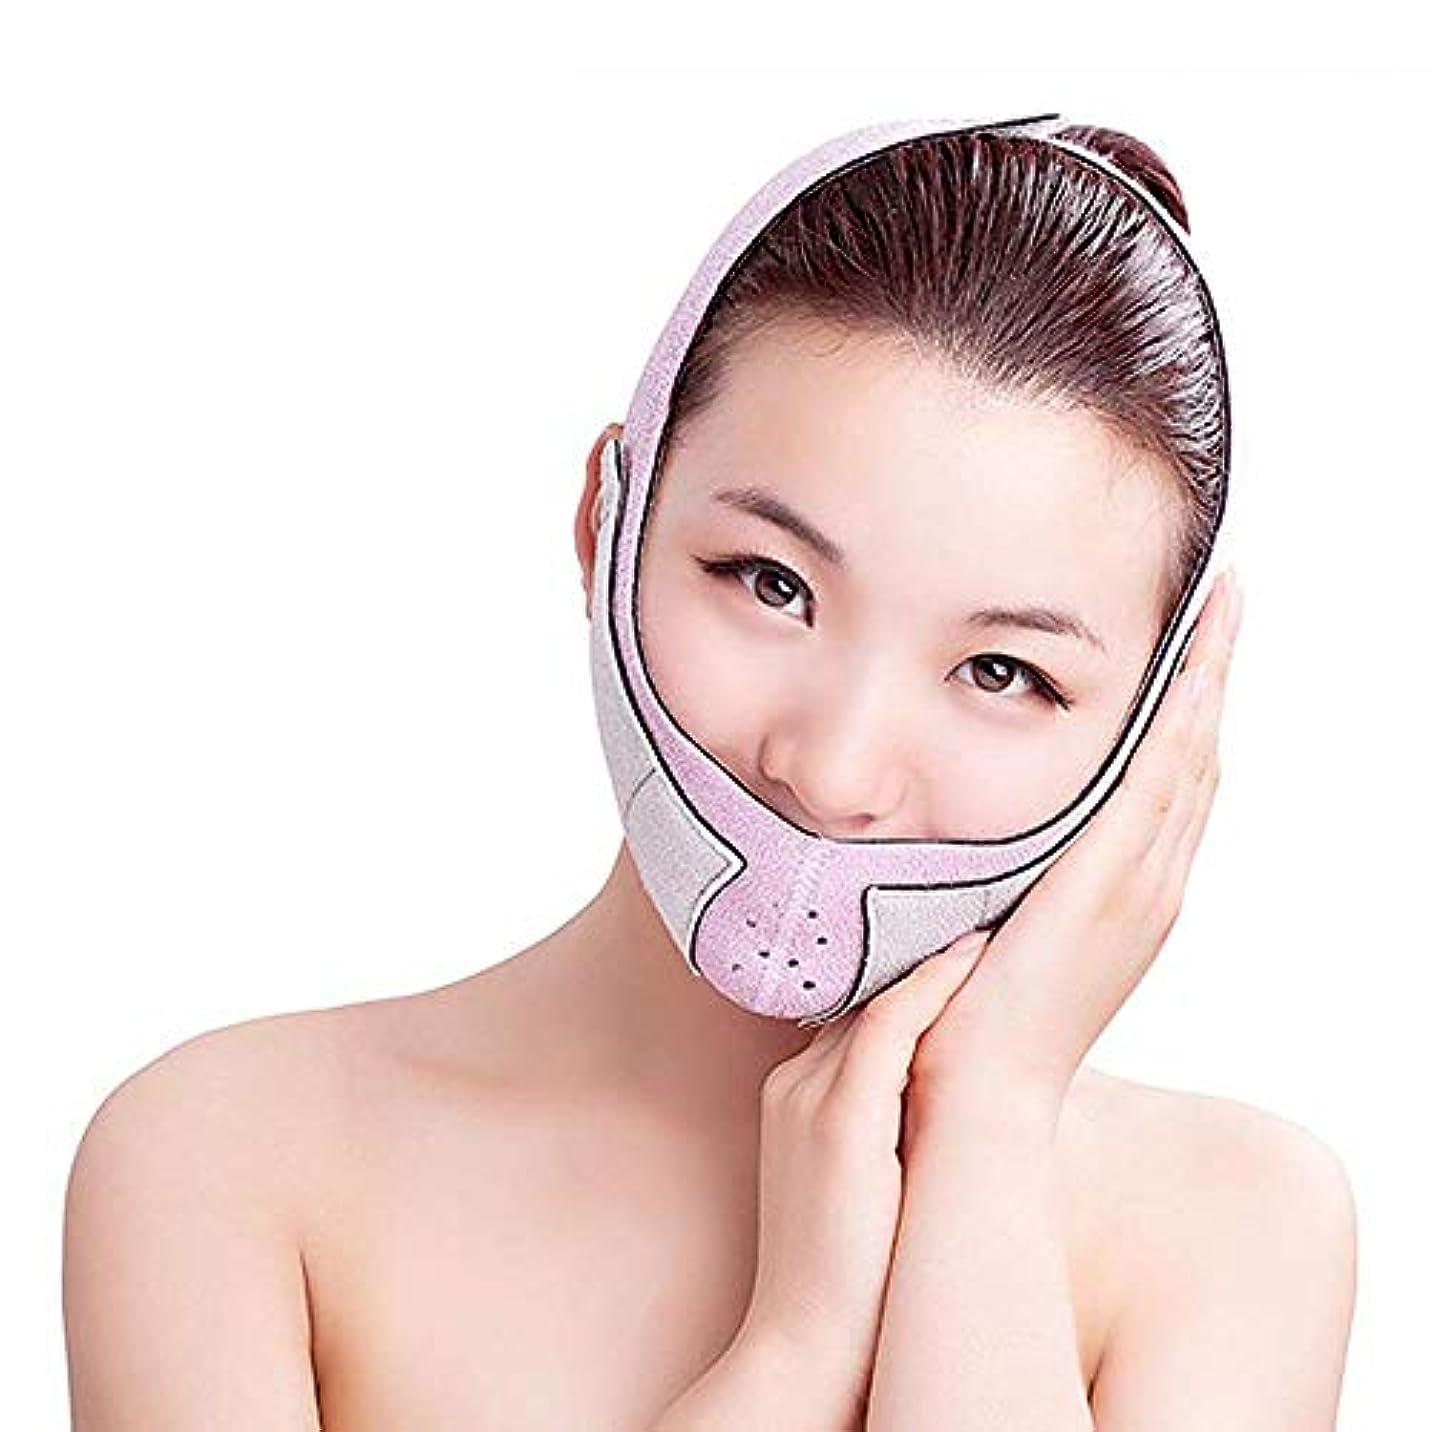 召喚する意図ファーザーファージュ薄い顔ベルト薄い顔ベルト通気性の補正3D薄い顔V顔ベルト包帯薄い顔アーティファクト (色 : B)